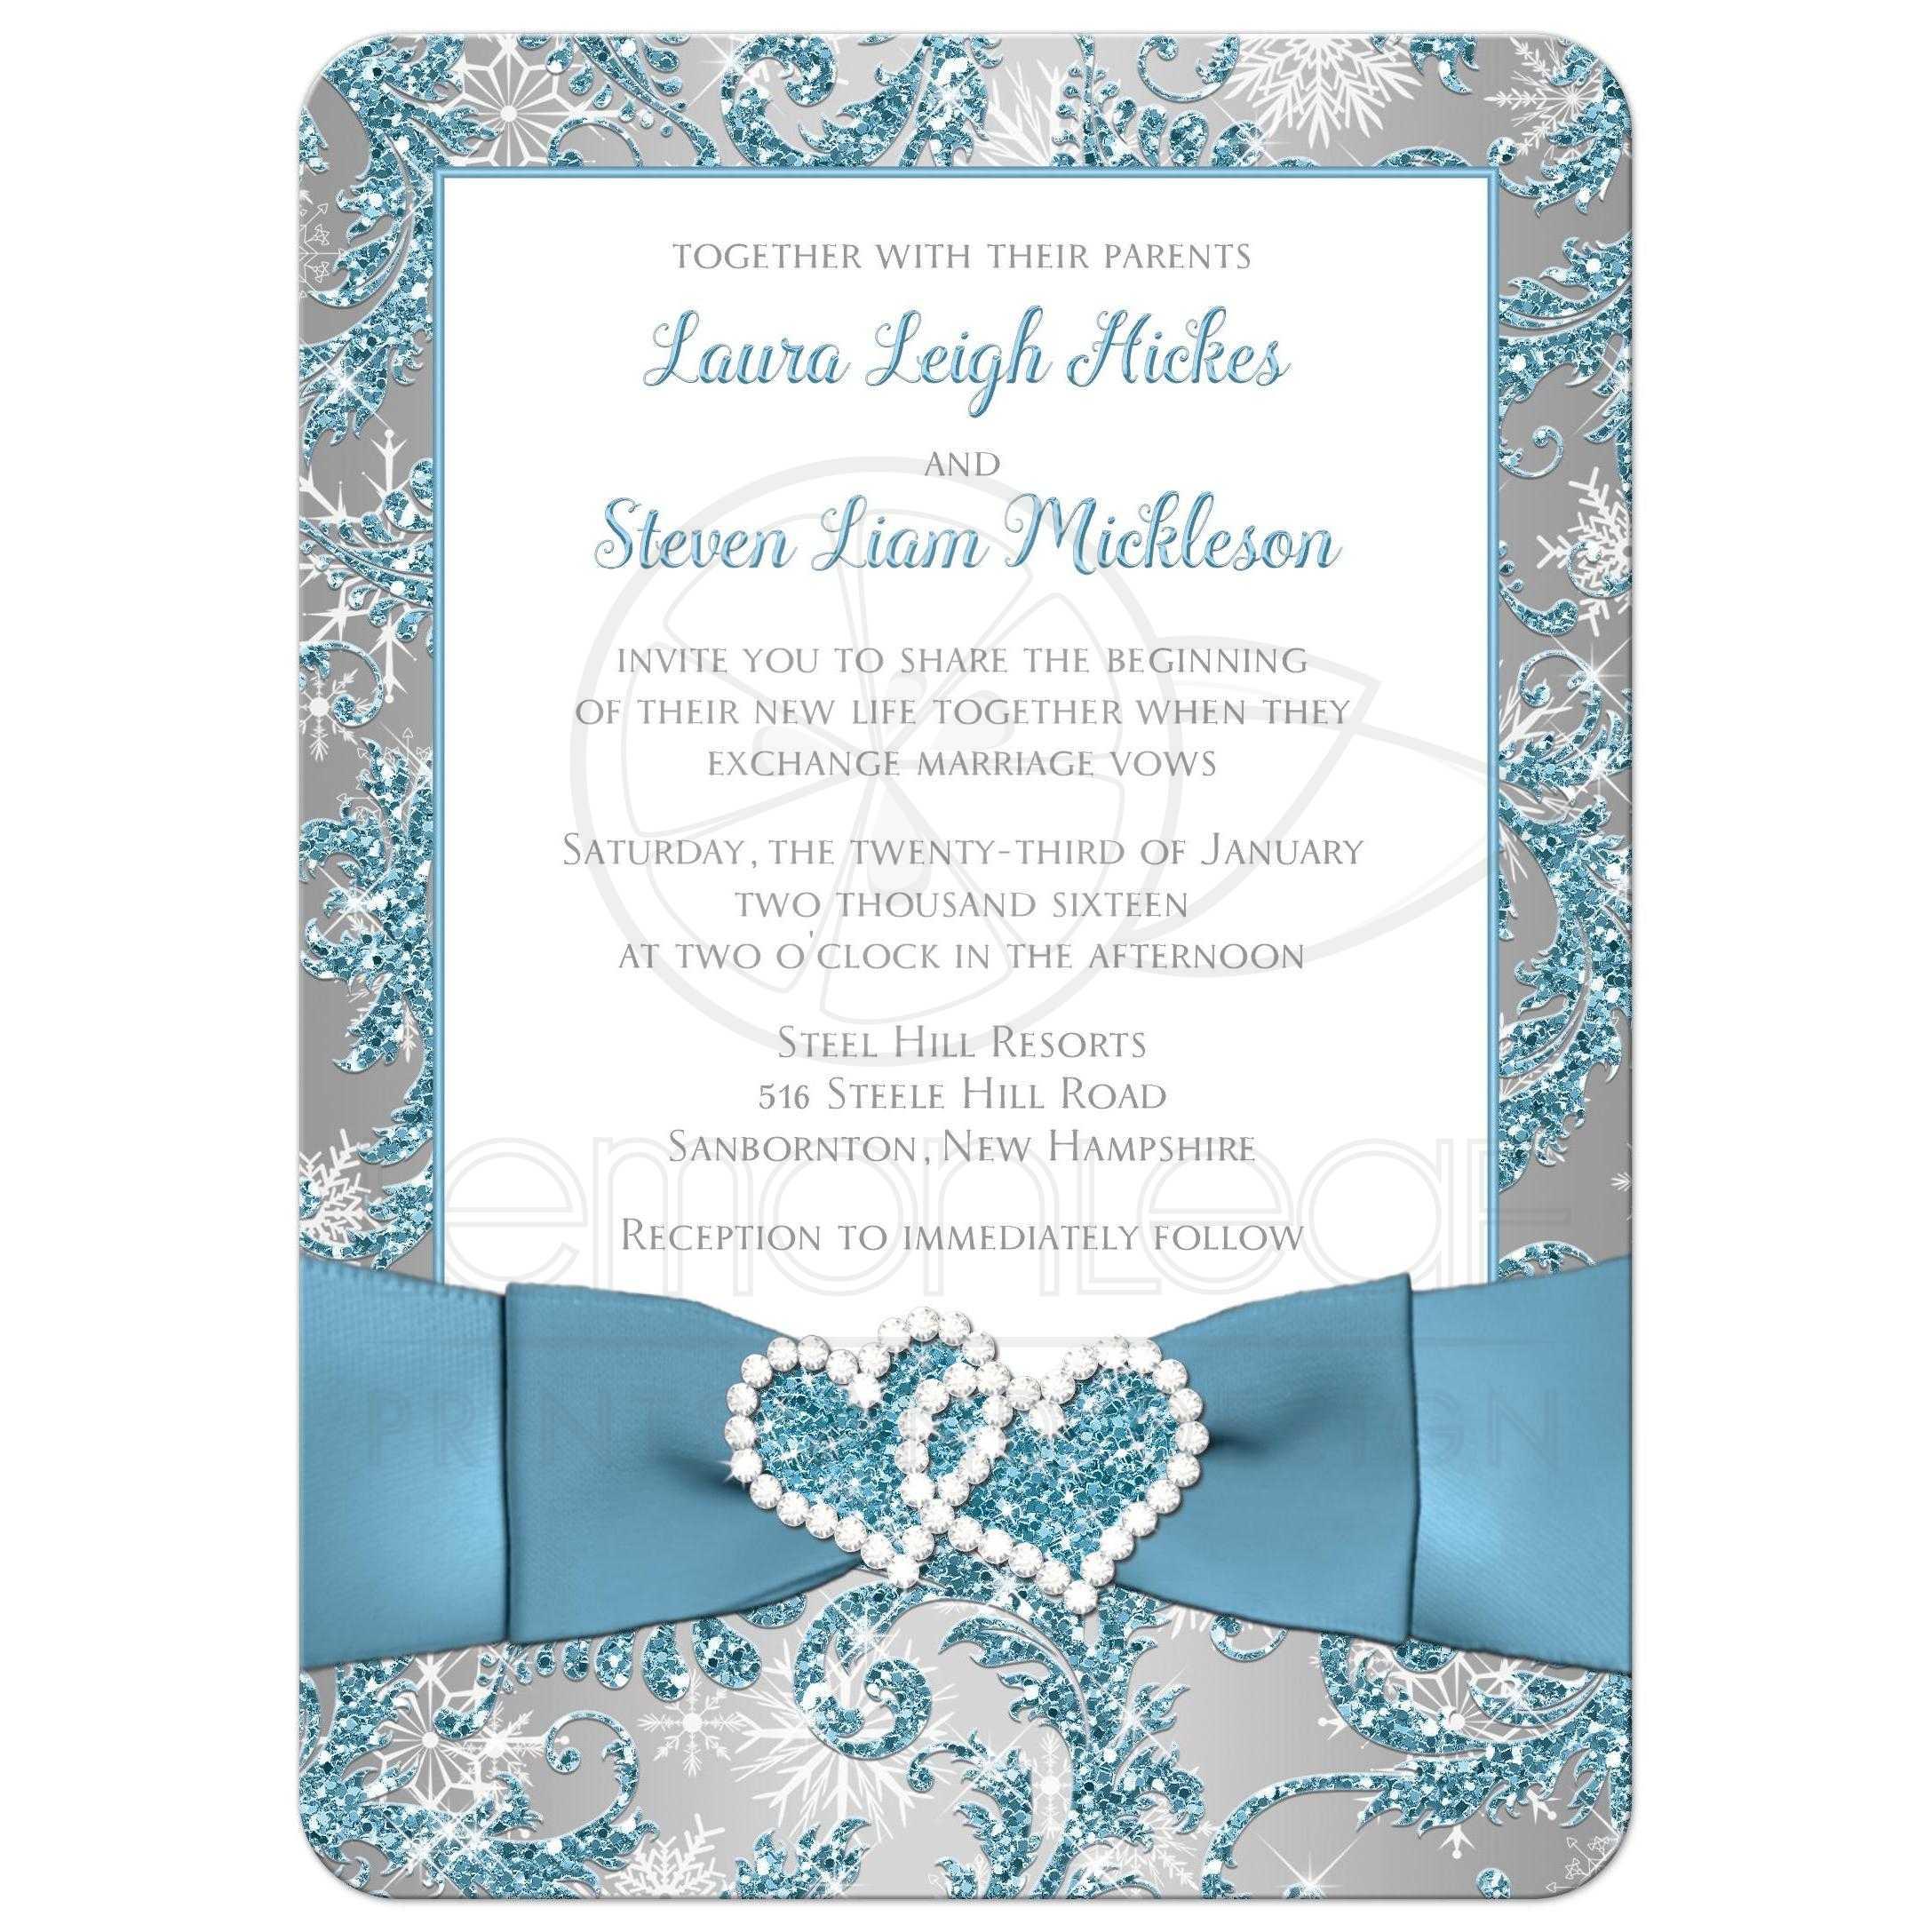 Wedding Invitation   Winter Wonderland 2   Ice Blue, Silver, White ...